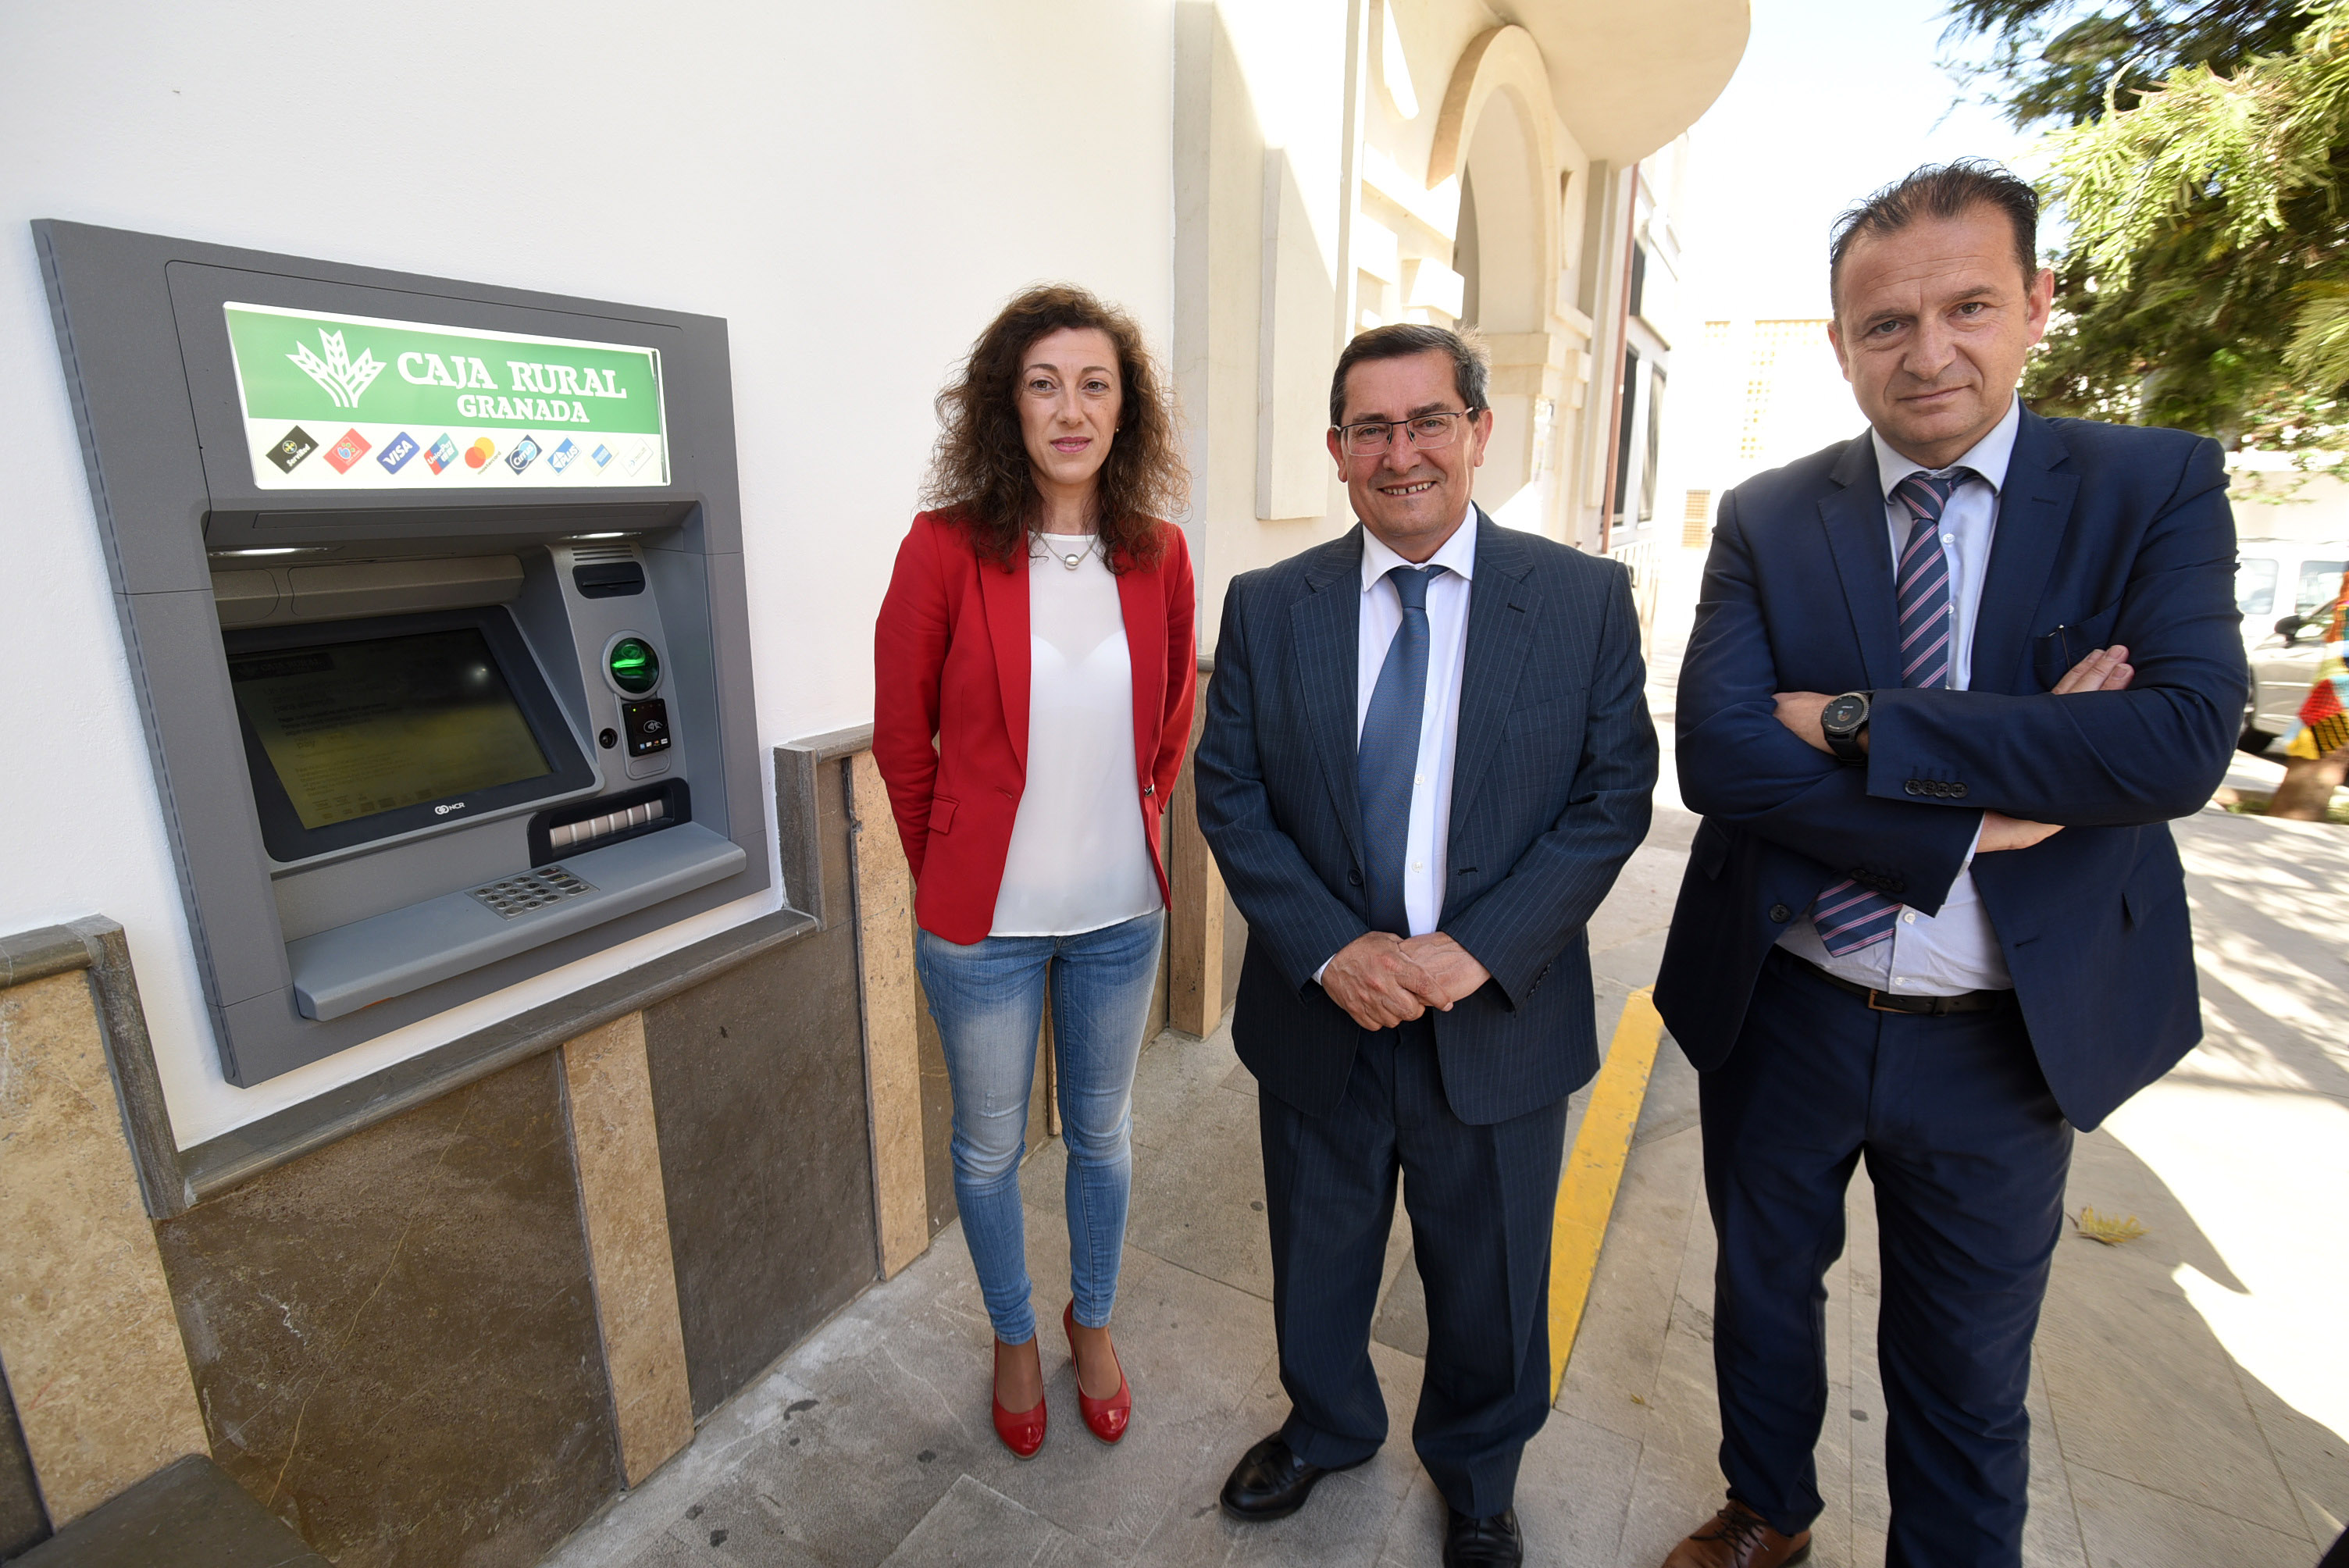 Calicasas vuelve a disponer de cajero automático después de 3 años sin servicios bancarios